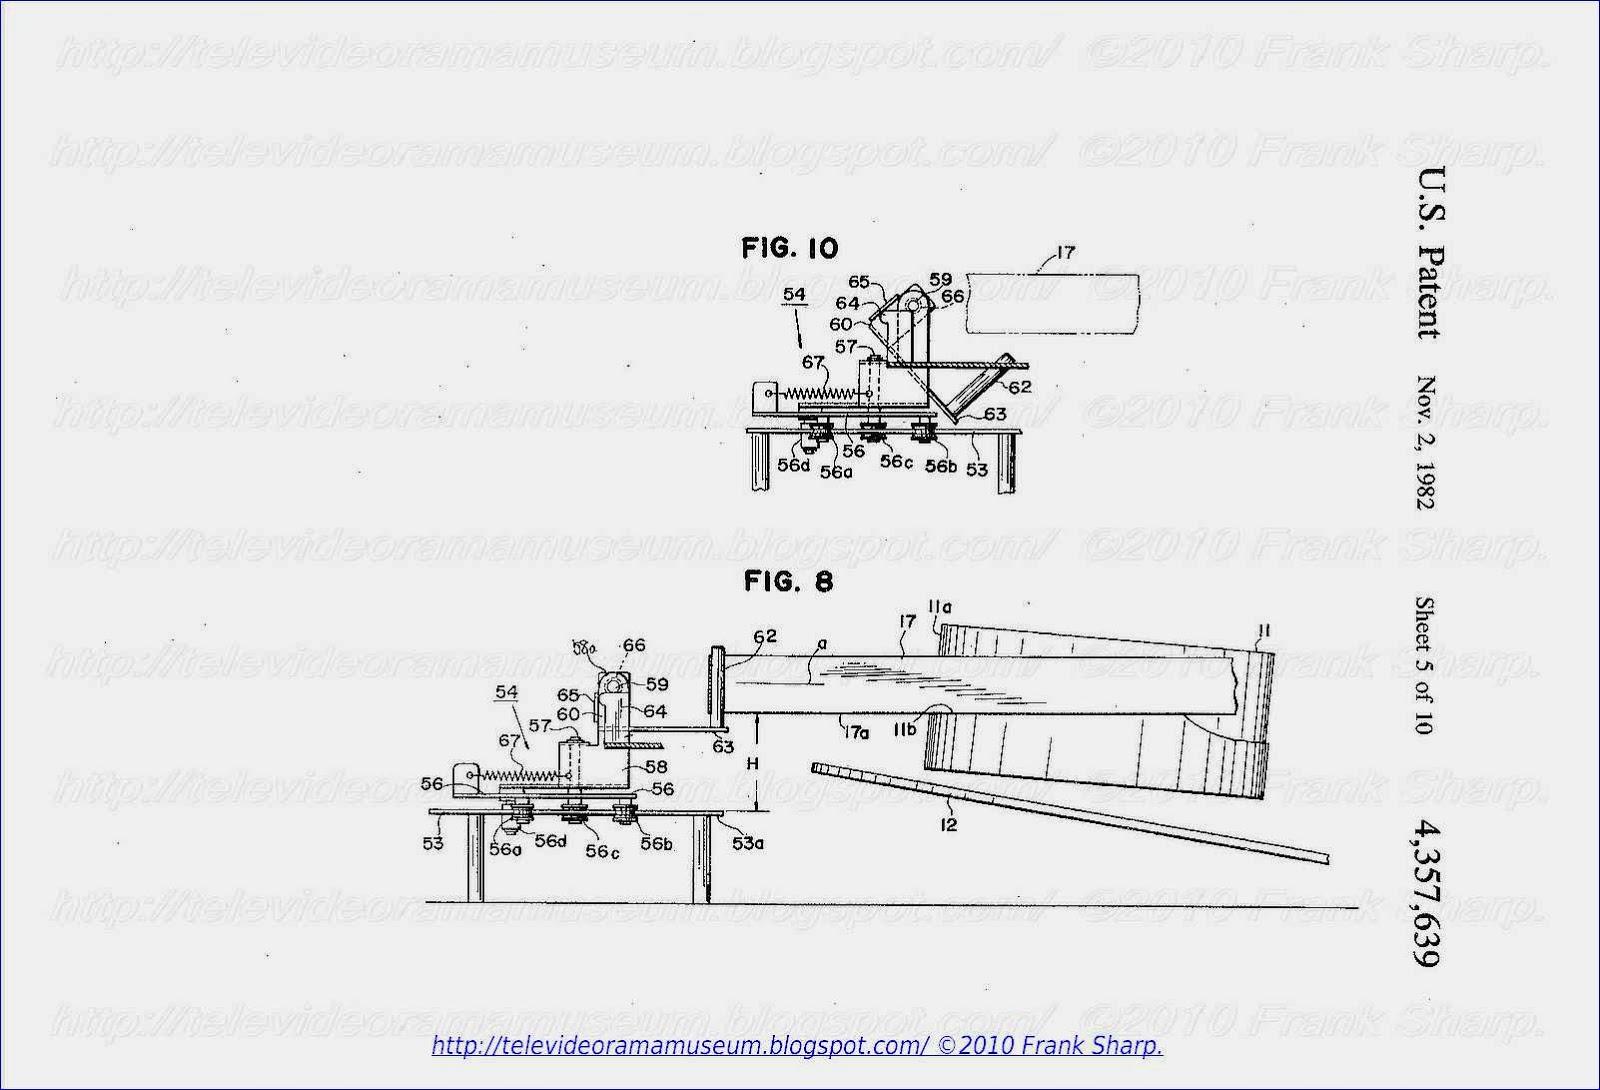 Wunderbar Pionier Deck Draht Diagramm Galerie - Elektrische ...